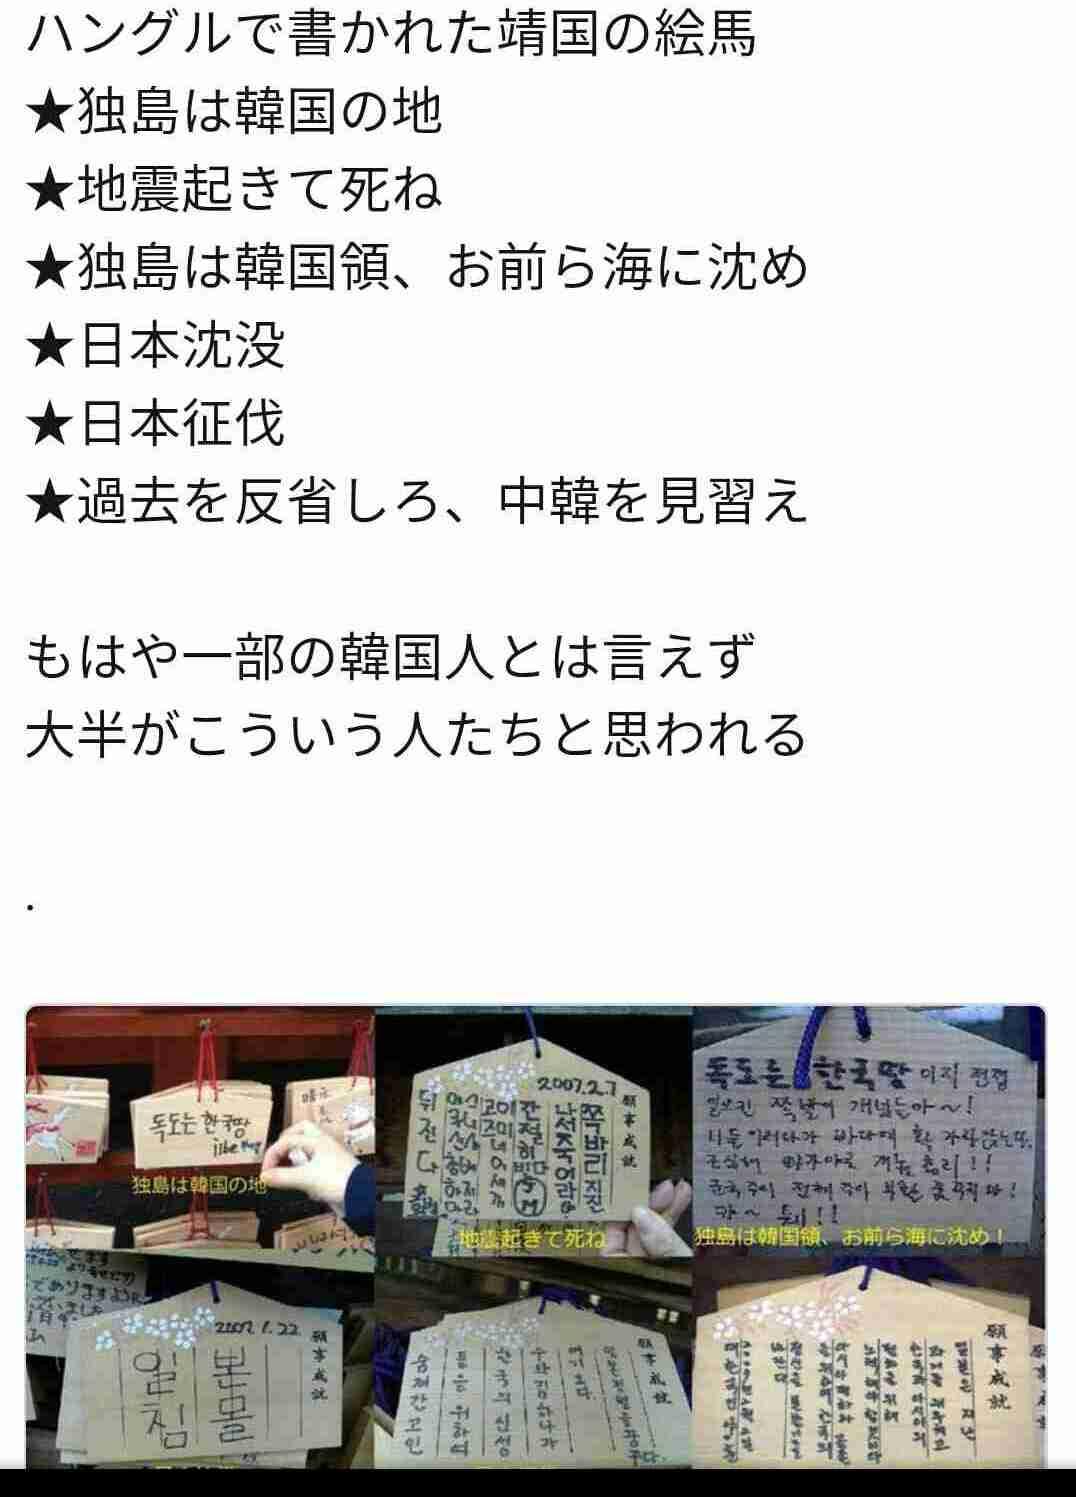 原作者が差別ツイートのラノベ、アニメ化&放送が中止 出版元は計18巻の出荷停止を発表